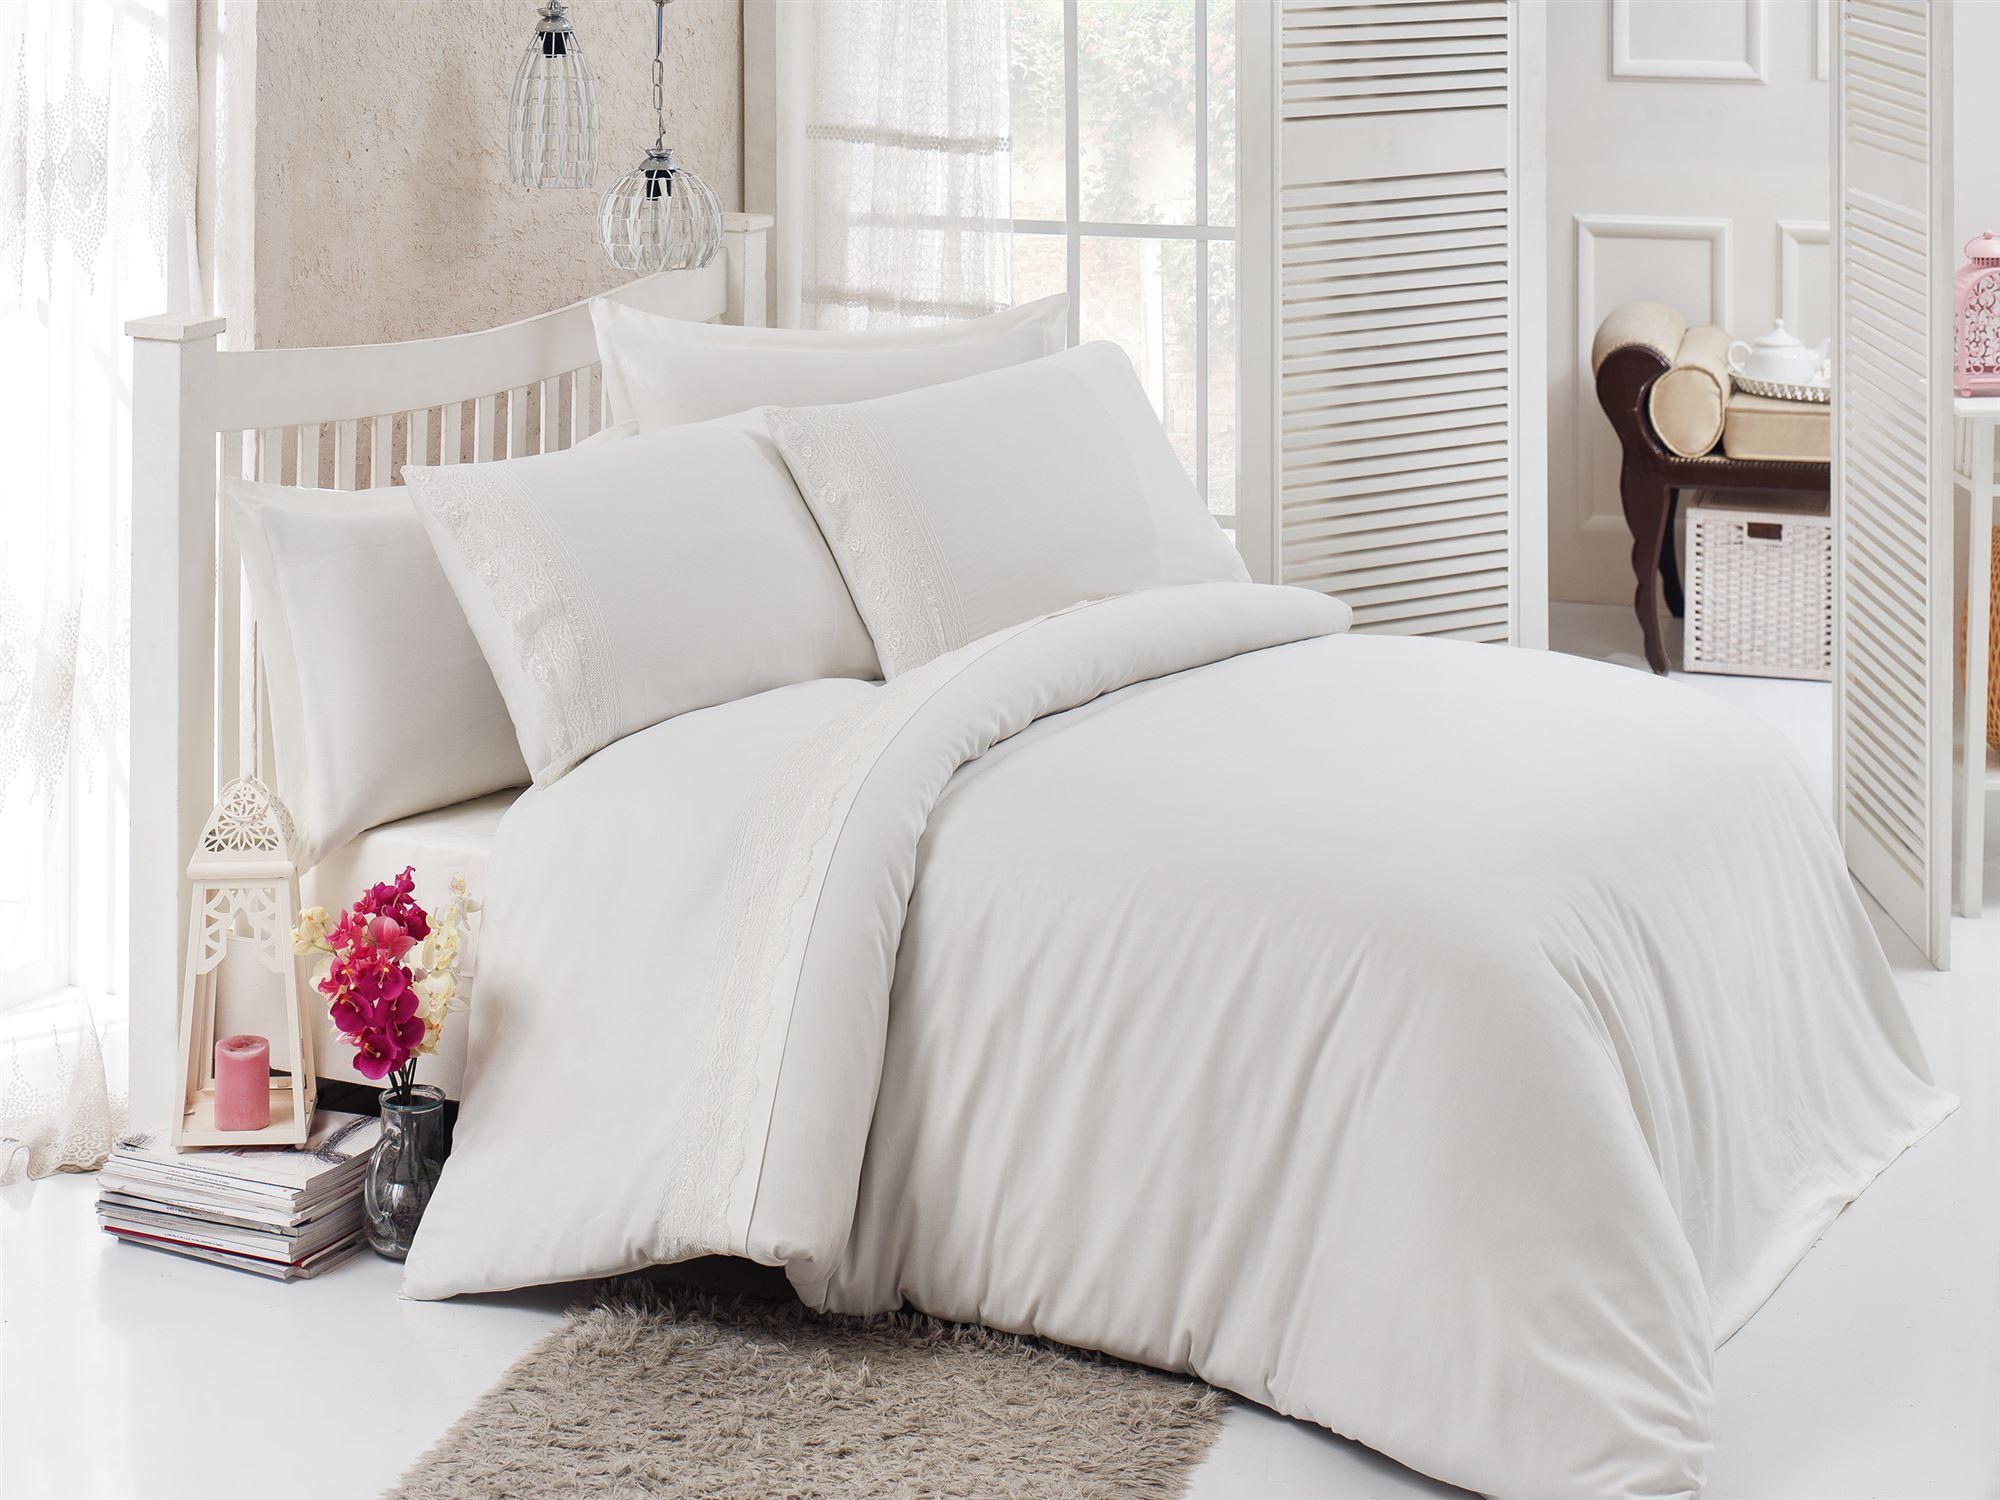 Купить Комплекты постельного белья DO'n'CO, Постельное белье Narin Цвет: Кремовый (2 сп. евро), Турция, Белый, Хлопковый сатин